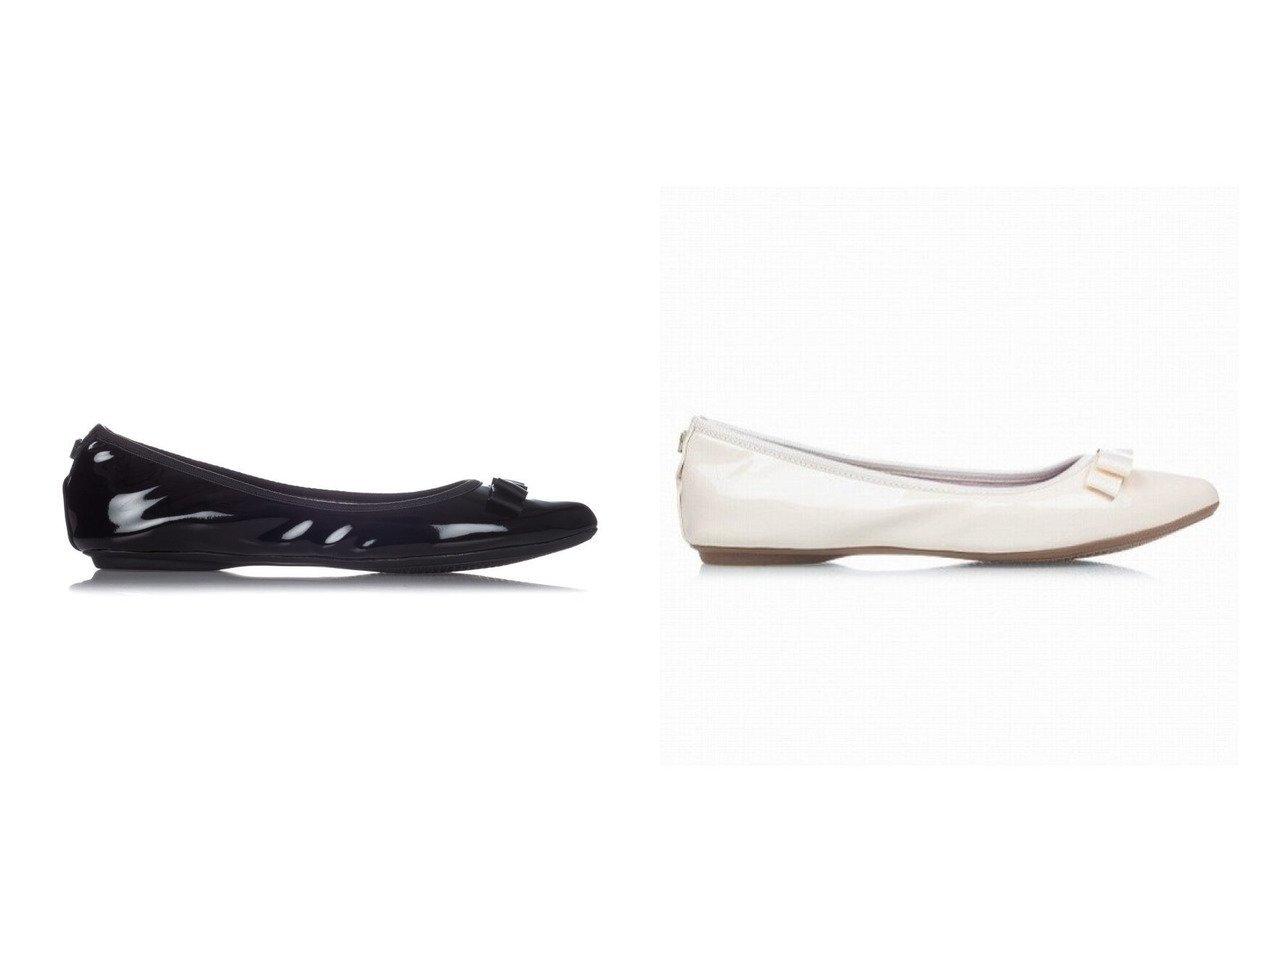 【ButterflyTwists/バタフライツイスト】のJASMIN 【シューズ・靴】おすすめ!人気、トレンド・レディースファッションの通販 おすすめ人気トレンドファッション通販アイテム インテリア・キッズ・メンズ・レディースファッション・服の通販 founy(ファニー)  ファッション Fashion レディースファッション WOMEN おすすめ Recommend エナメル シューズ バレエ ロンドン |ID:crp329100000037641